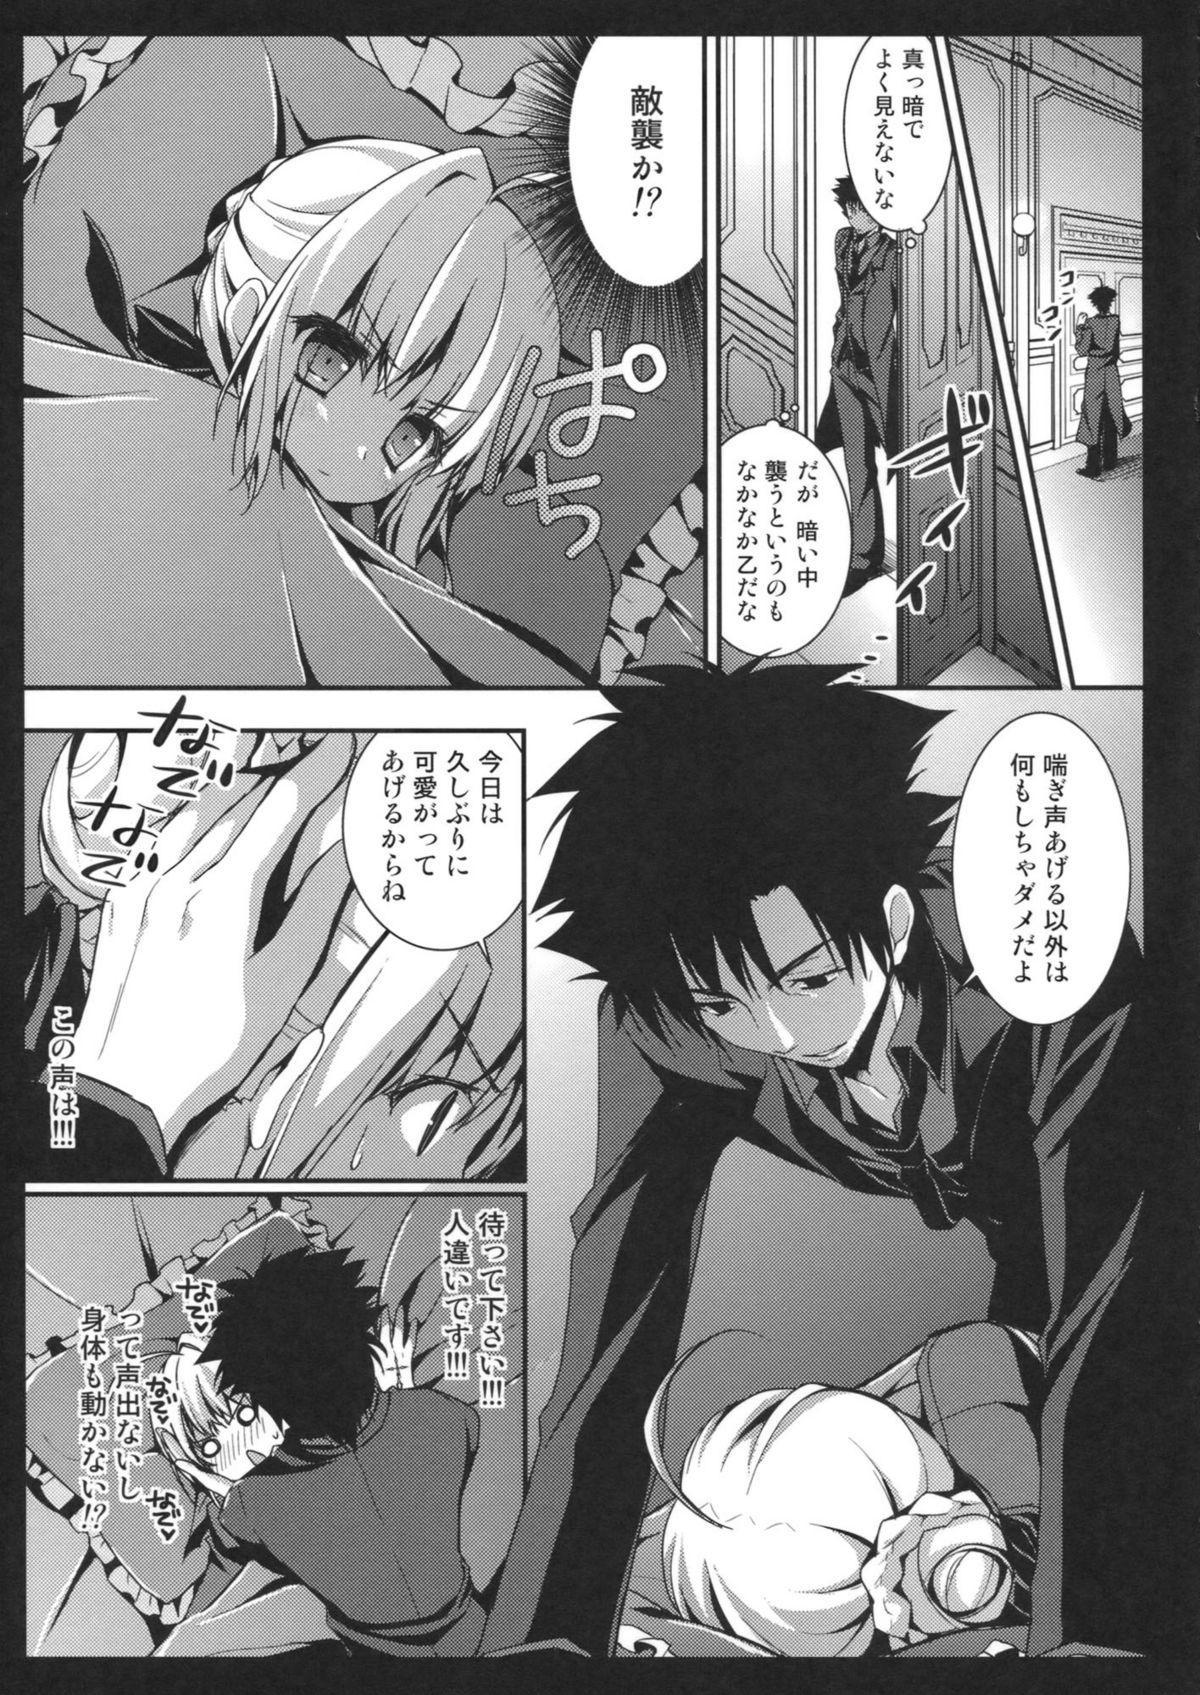 Saber san no Migawari Sakusen 5